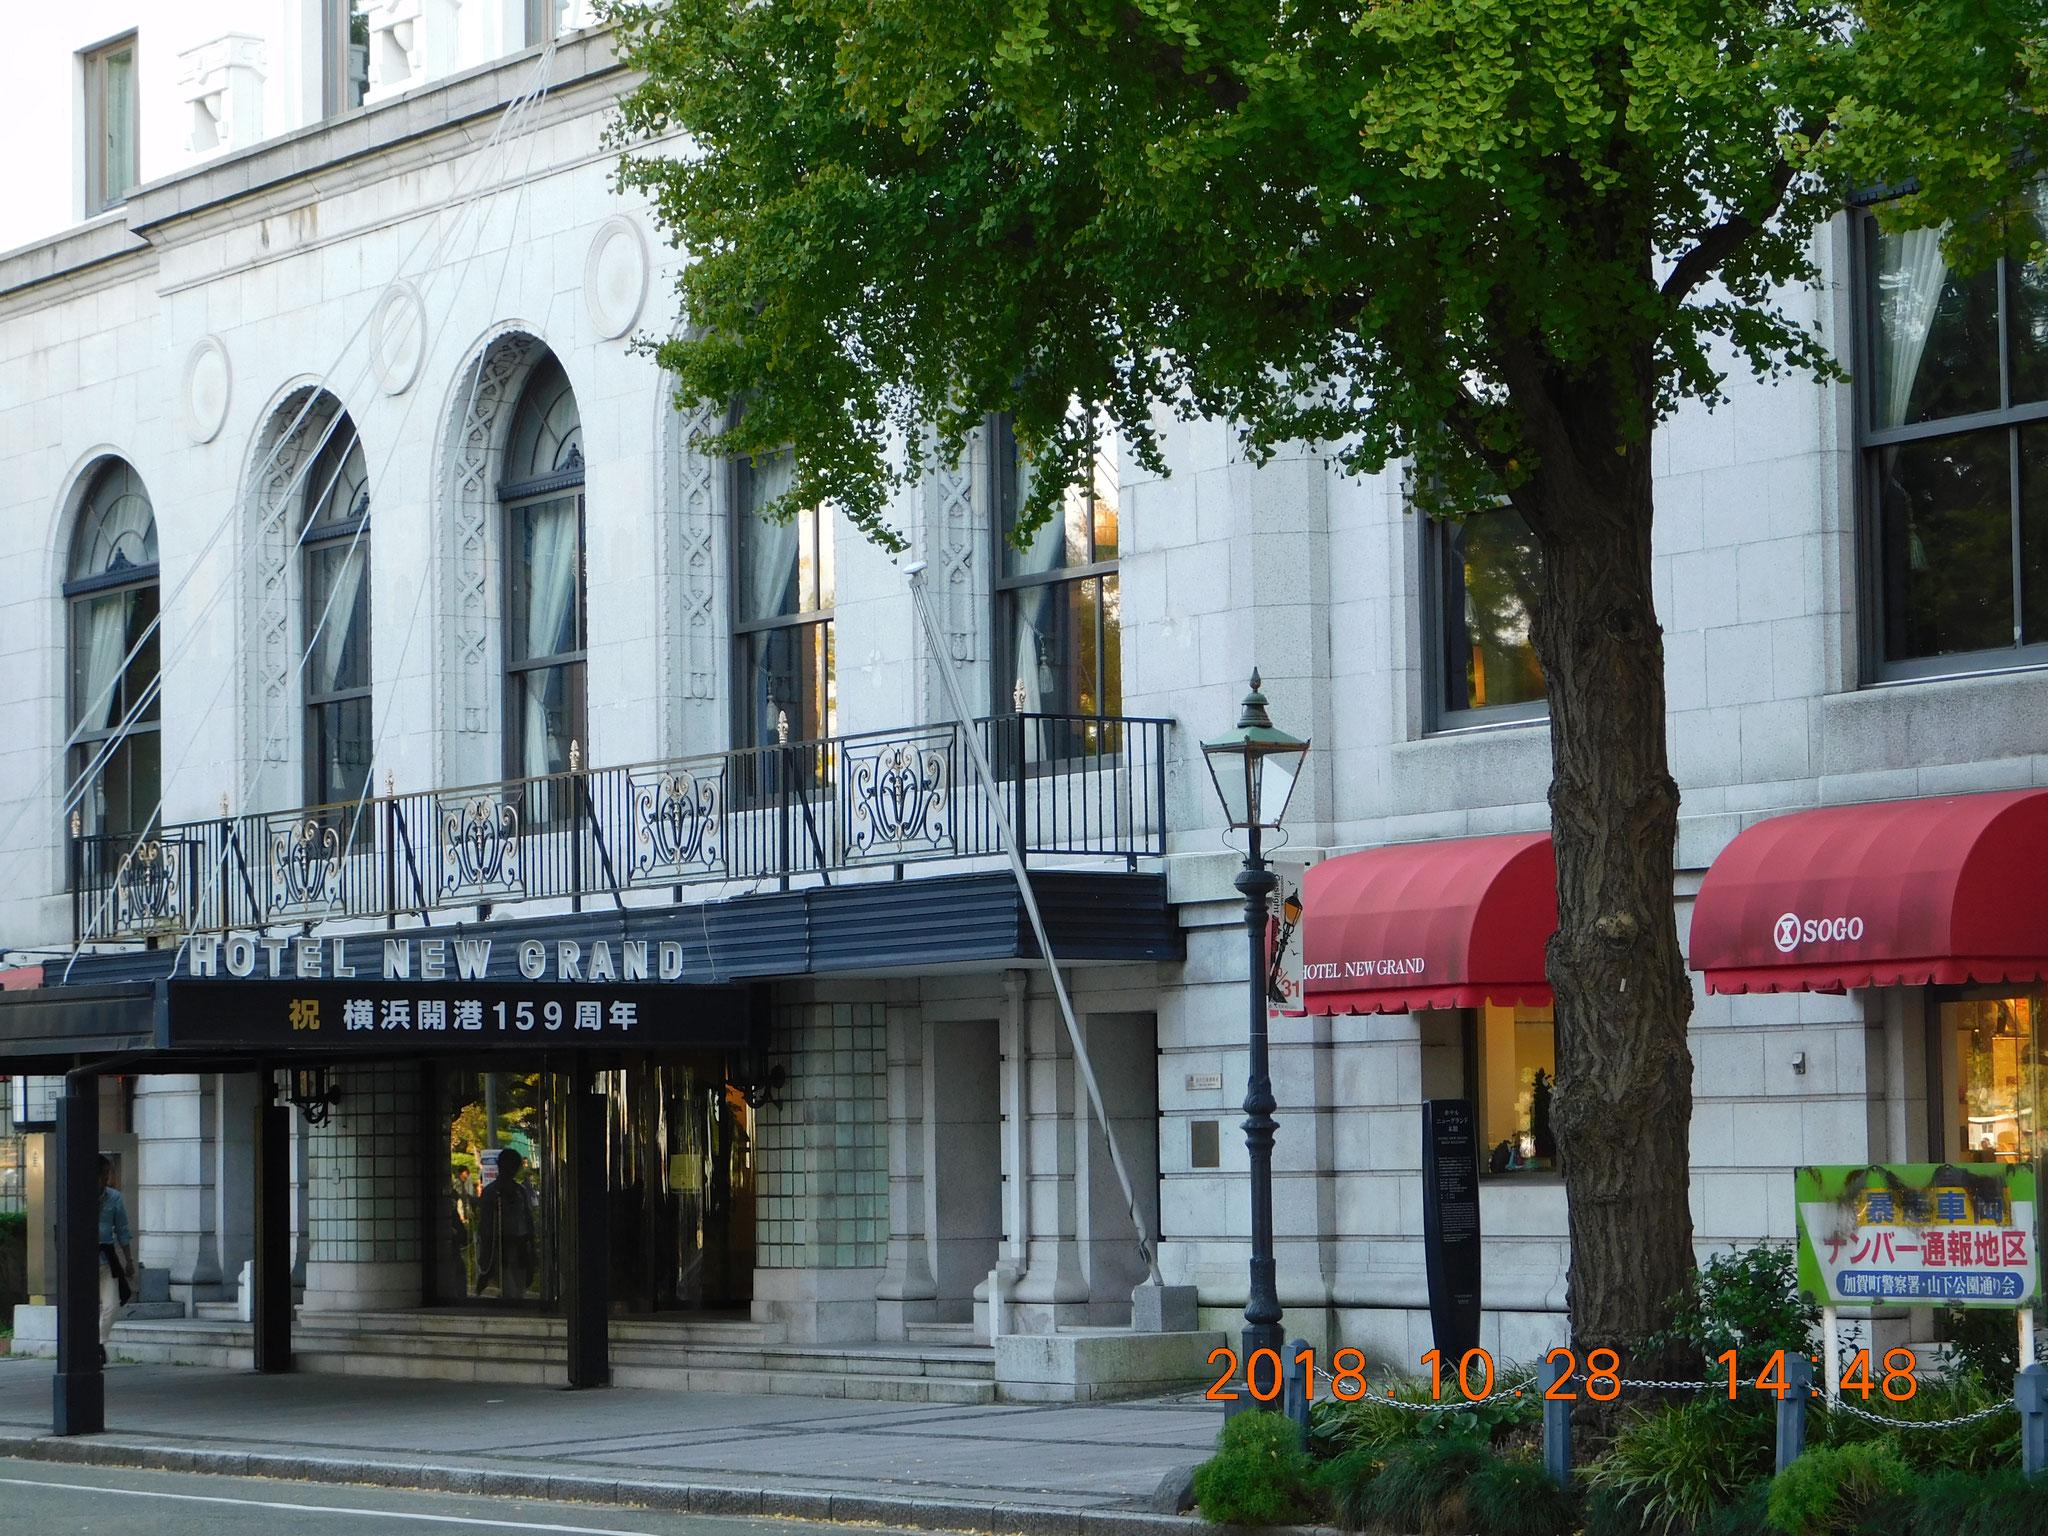 ホテルニューグランドのクラシックな外観を見ながら